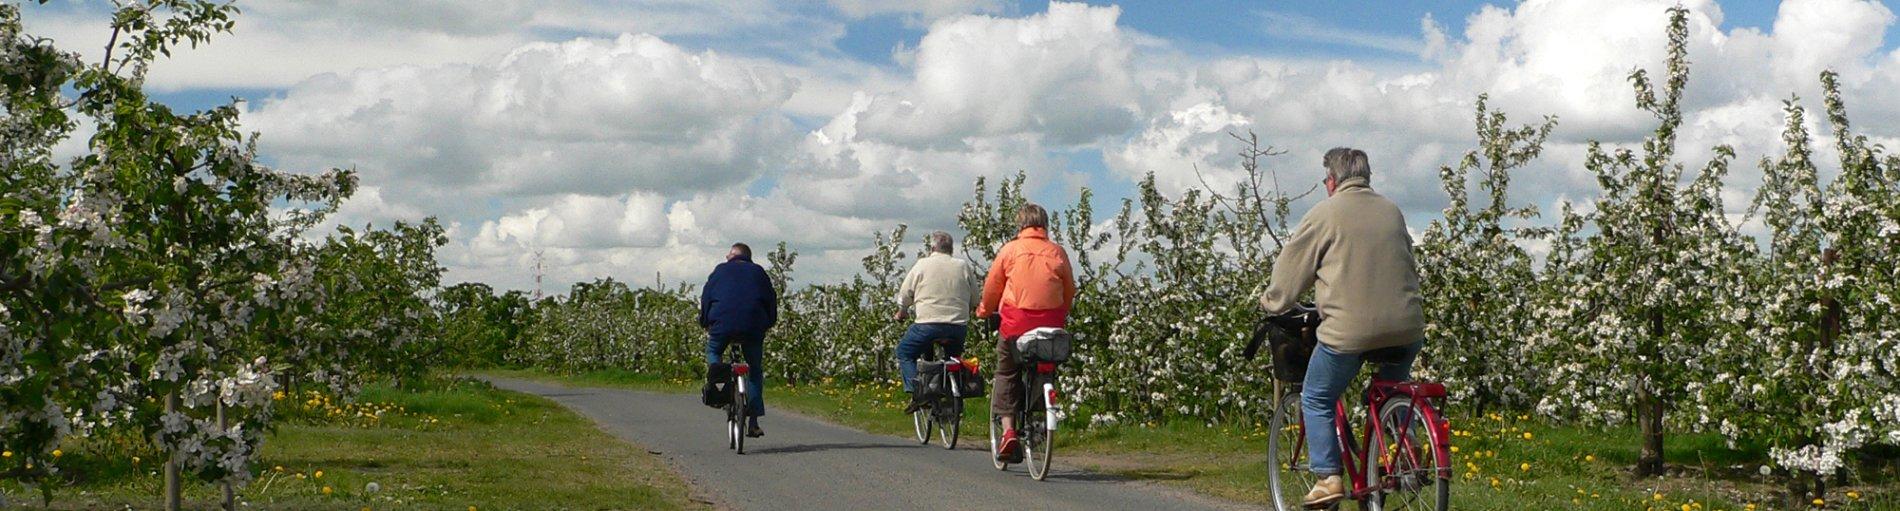 RadfahrerInnen vor blühenden Bäumen